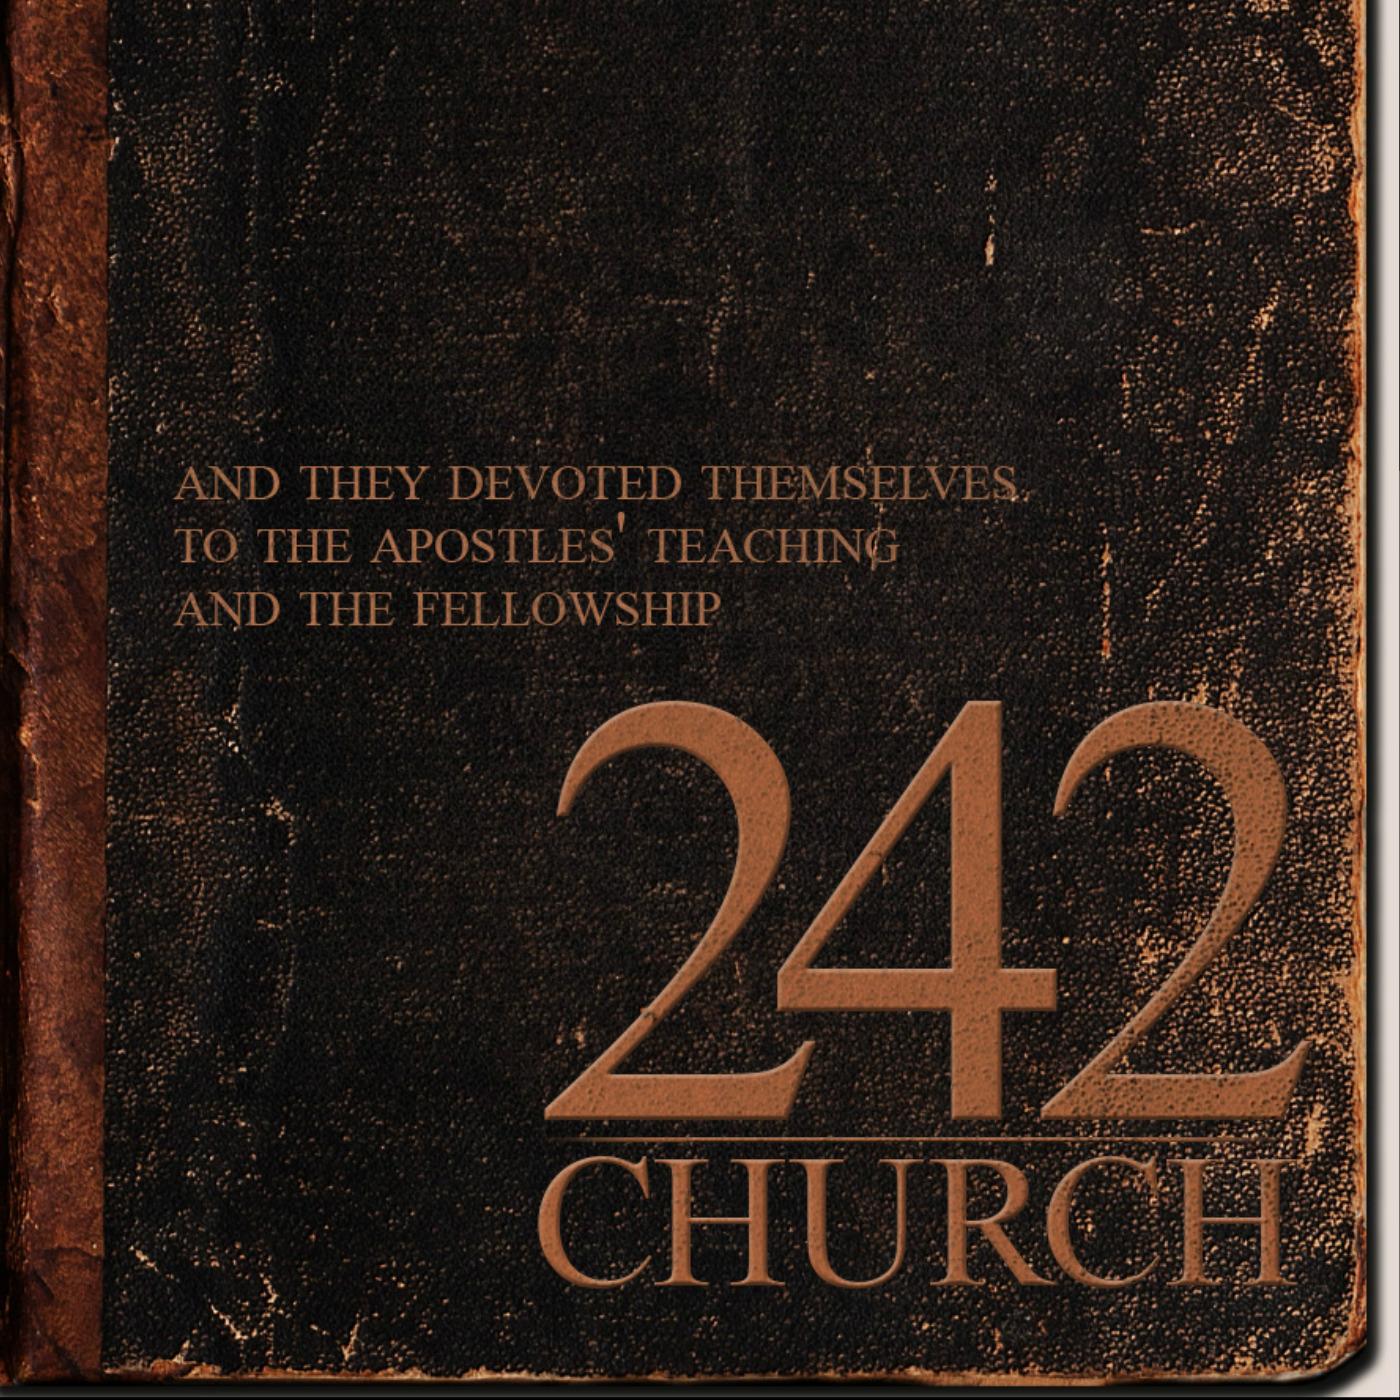 242 church